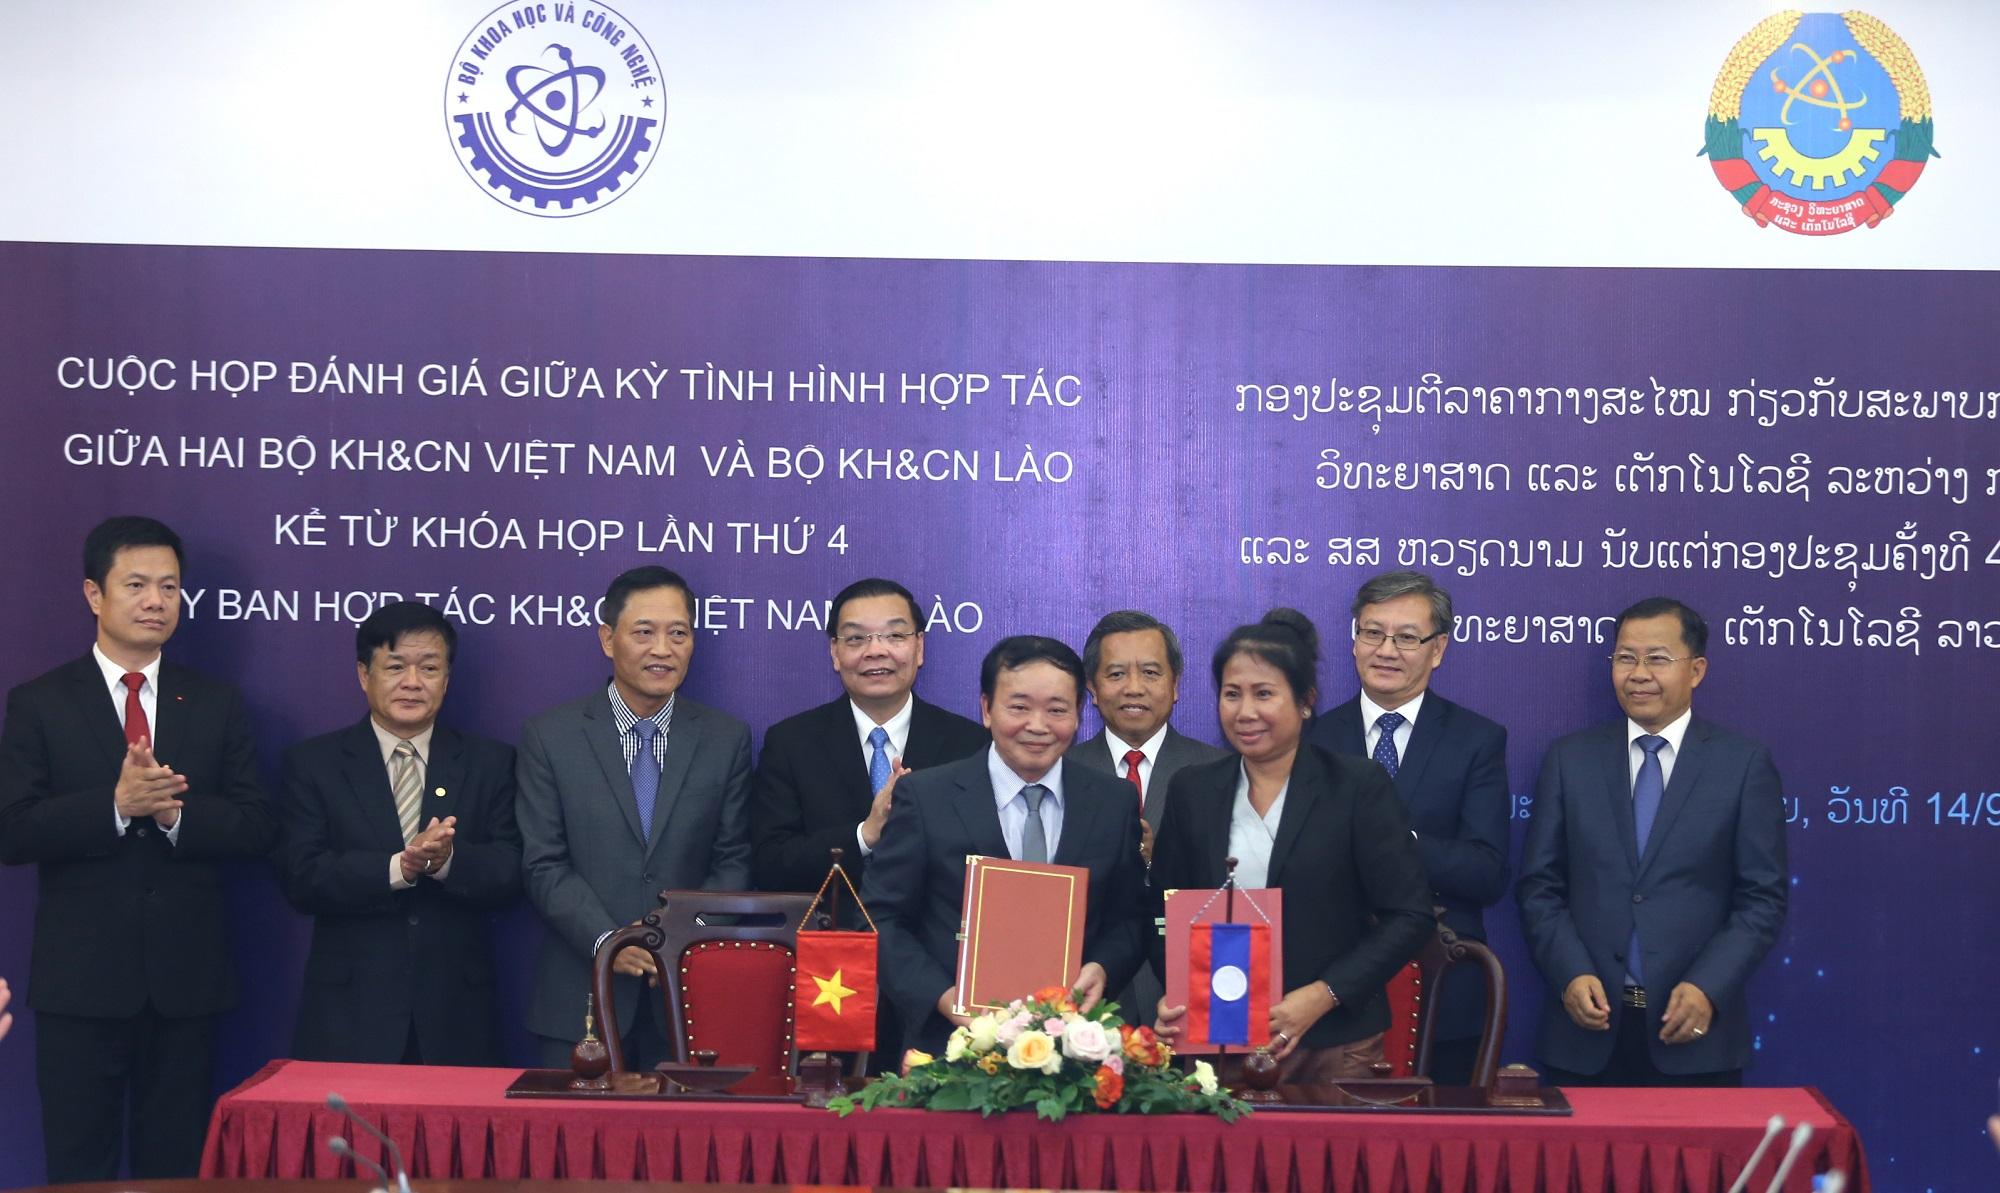 Lễ ký Thỏa thuận hợp tác giữa Văn phòng Đảng ủy Bộ KH&CN Việt Nam và Văn phòng Đảng ủy Bộ KH&CN Lào